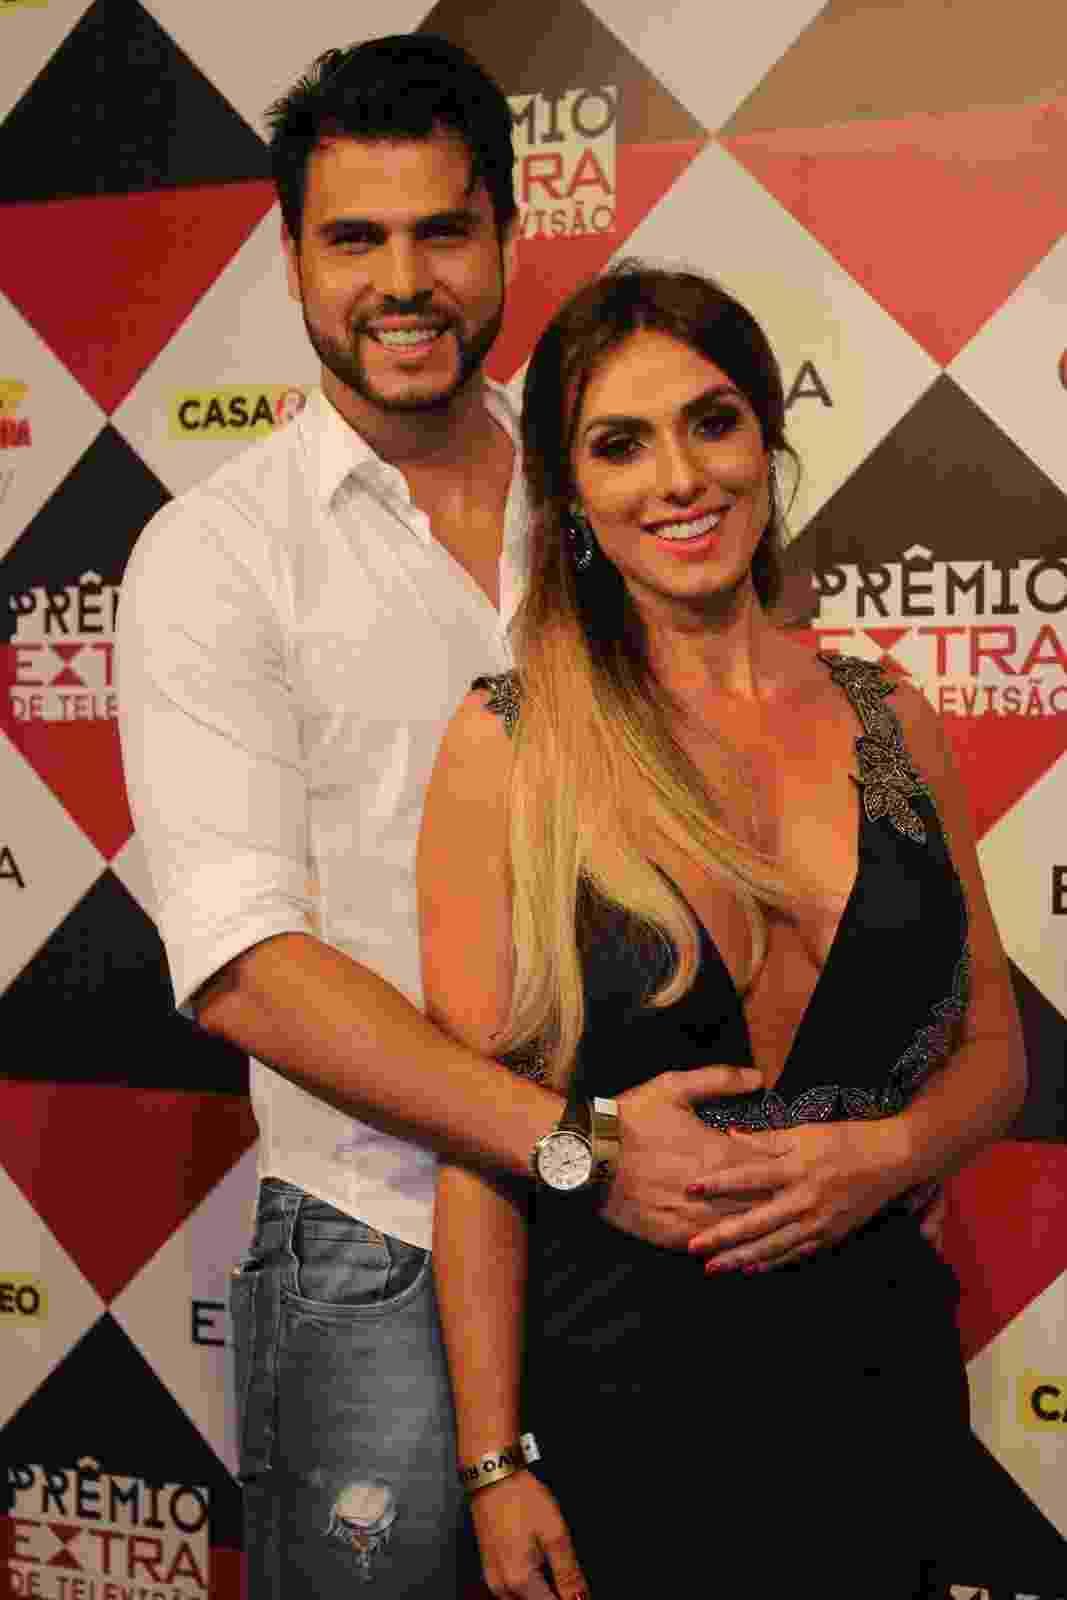 29.nov.2016 - Nicole Bahls e Marcelo Bimbi no Prêmio Extra - AgNews